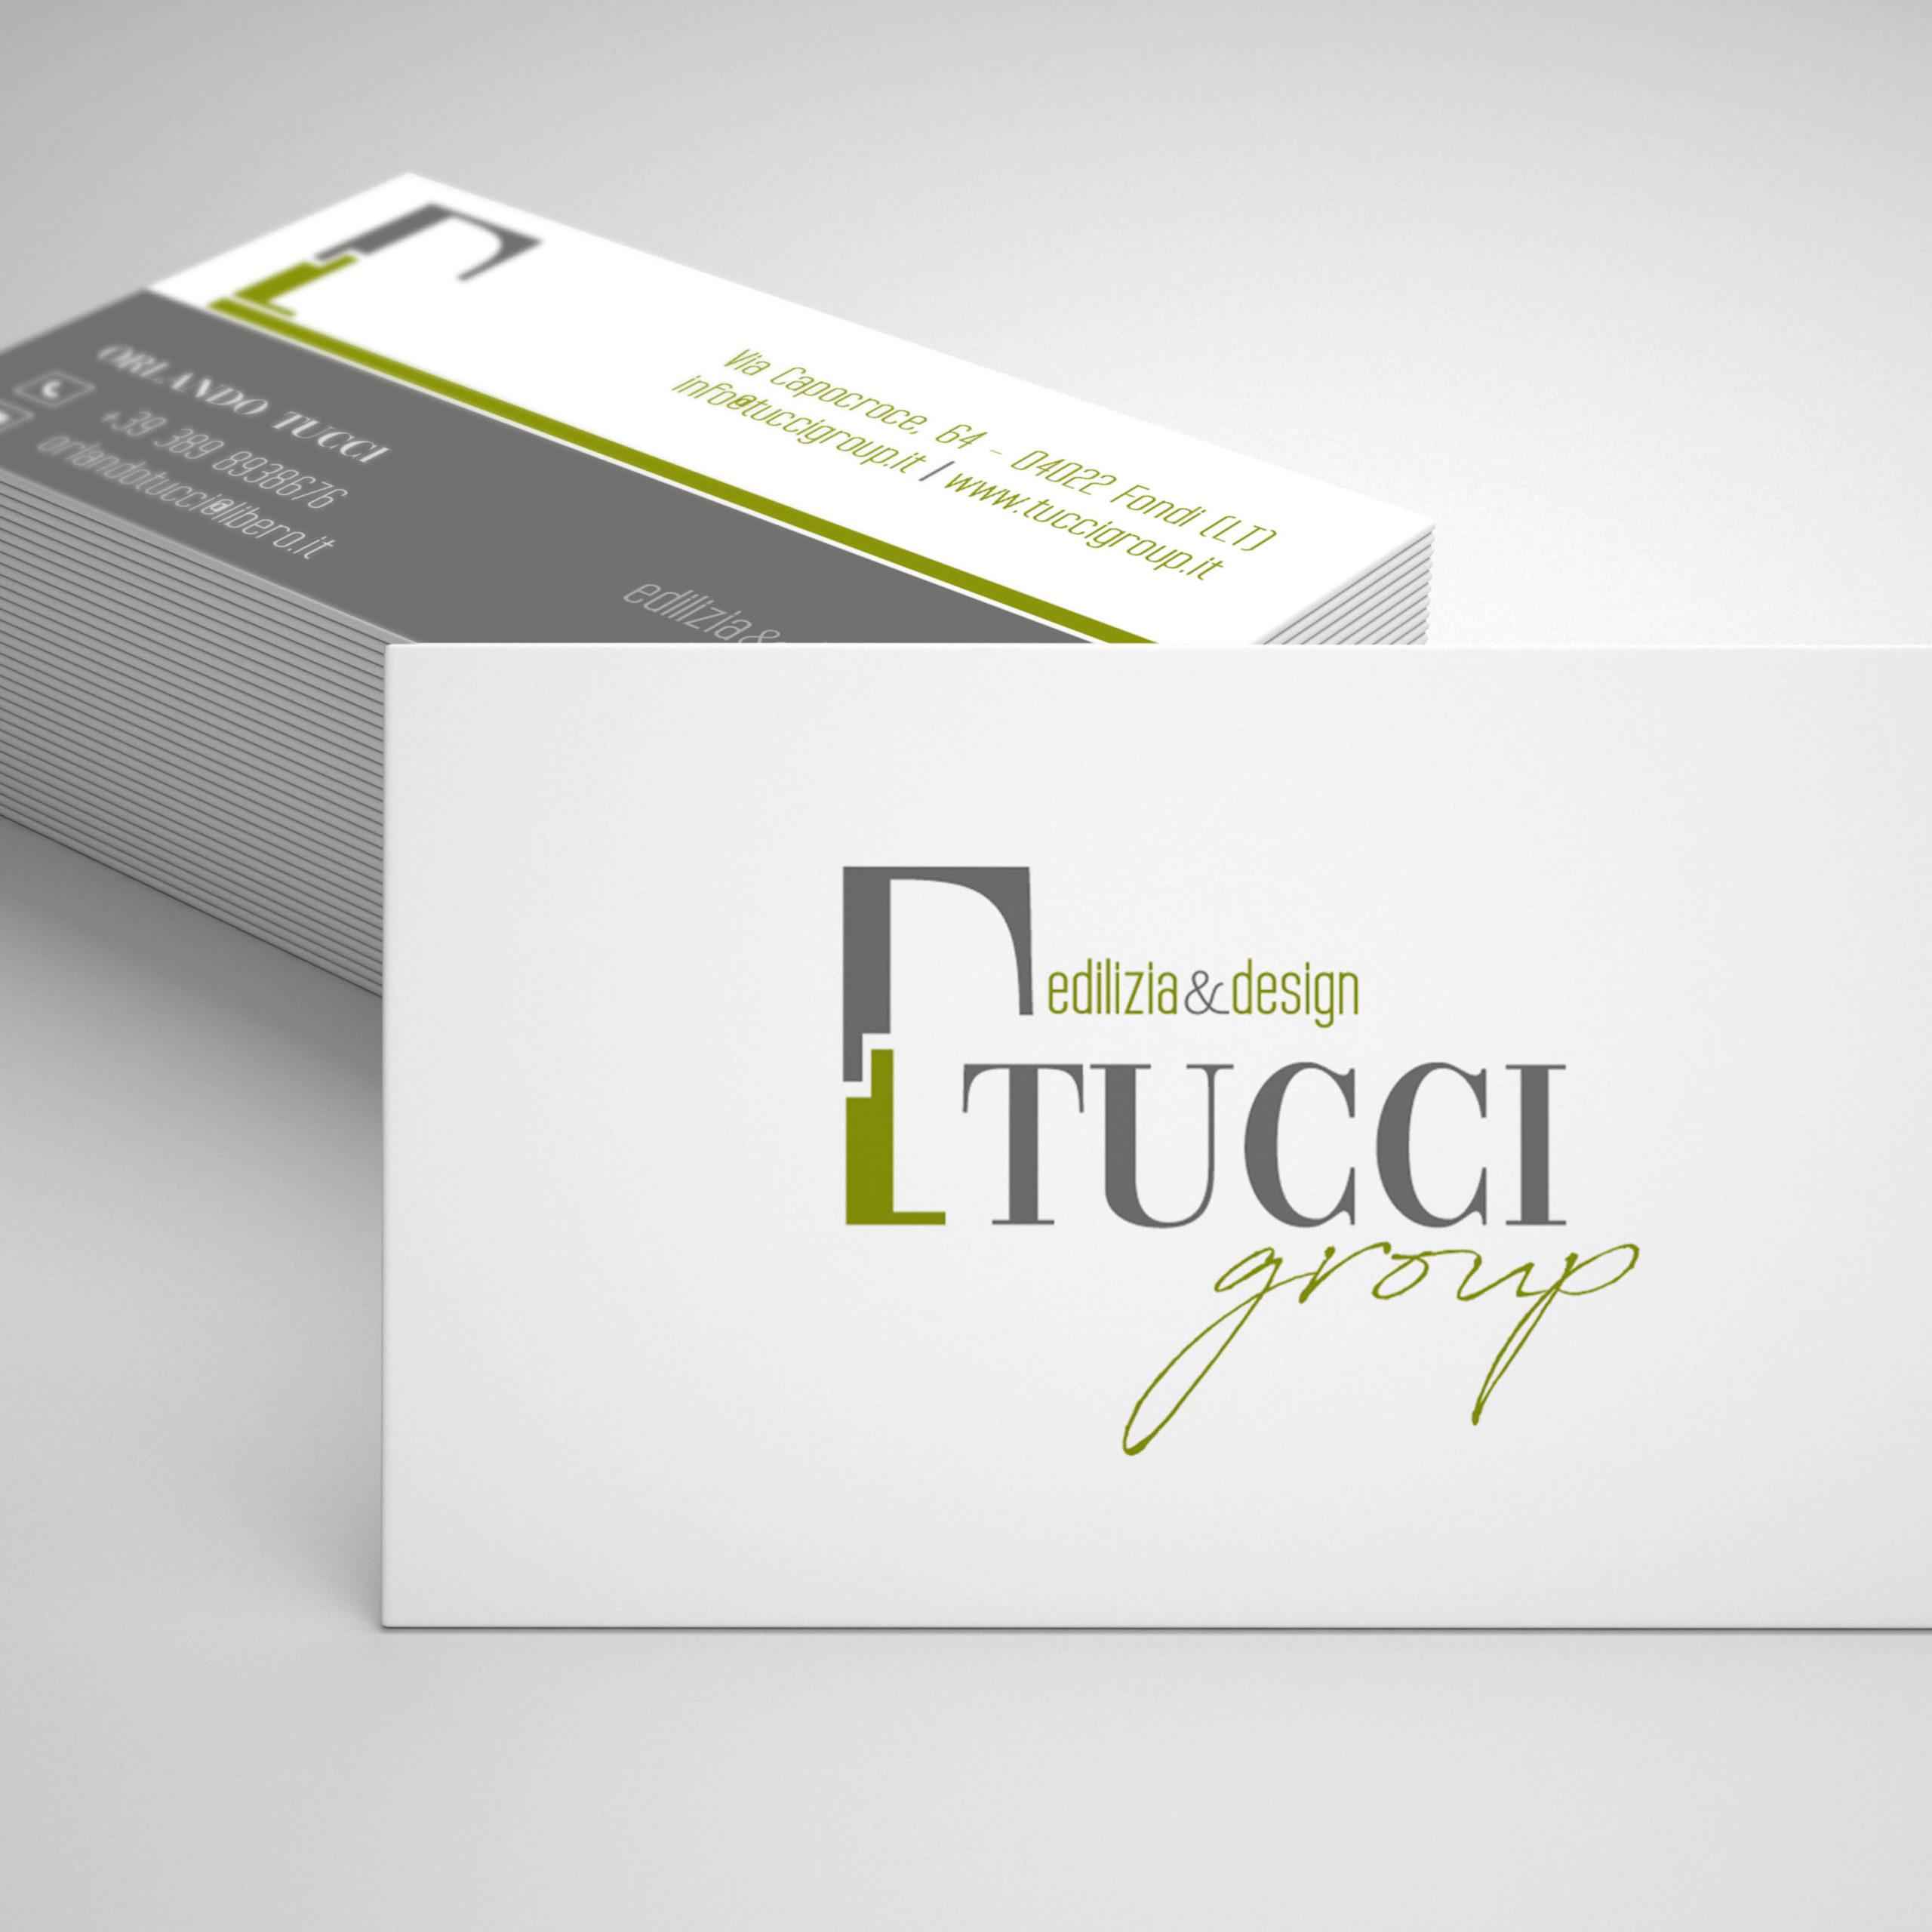 Tucci2